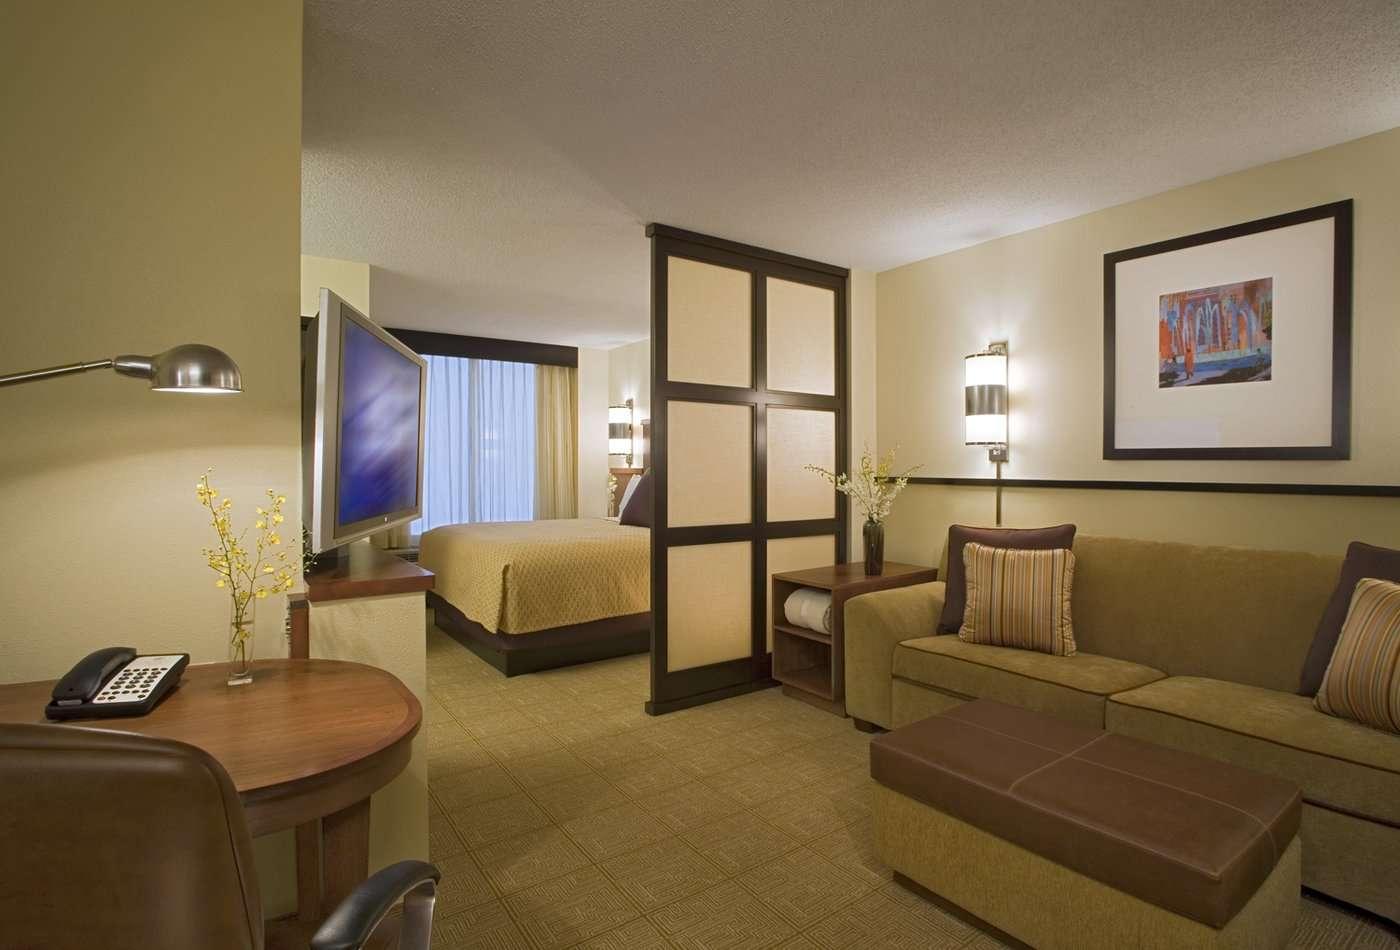 Маленькая гостиная-спальня: расширяем пространство